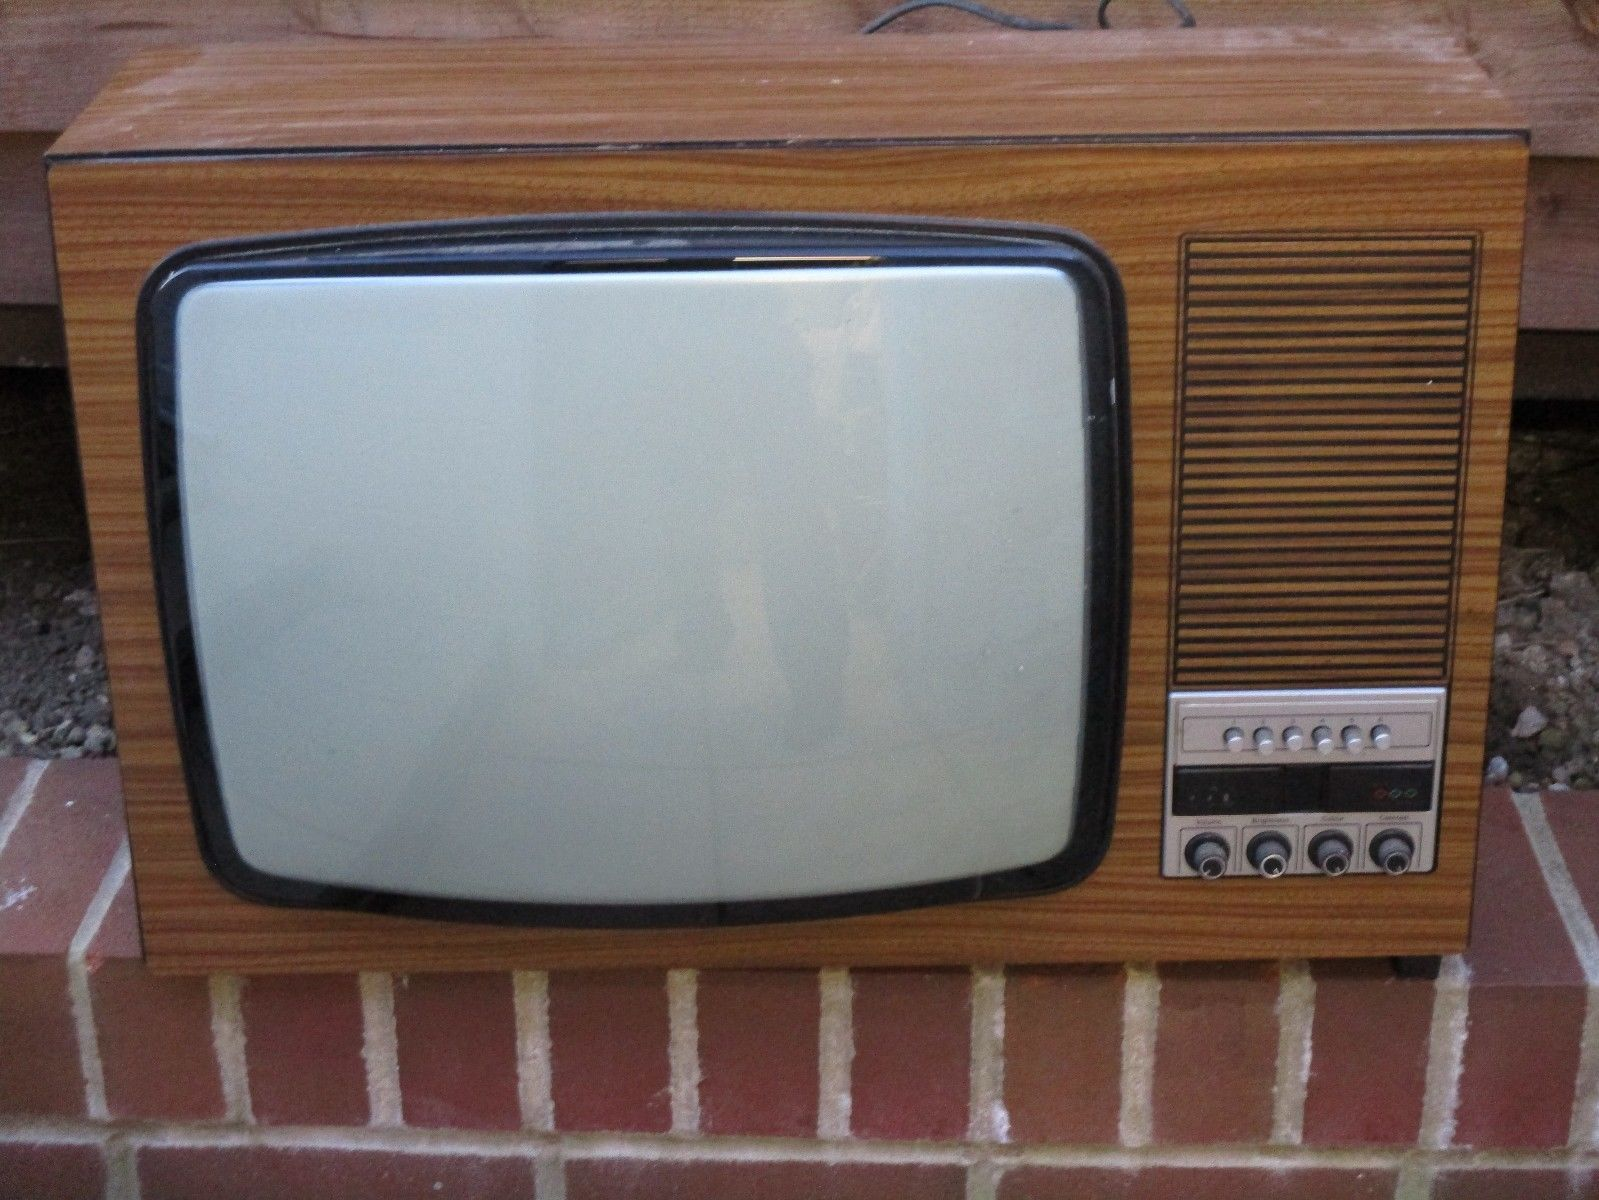 Vintage Itt Colour Tv Set Vintage Tv Vintage Radio Television Set